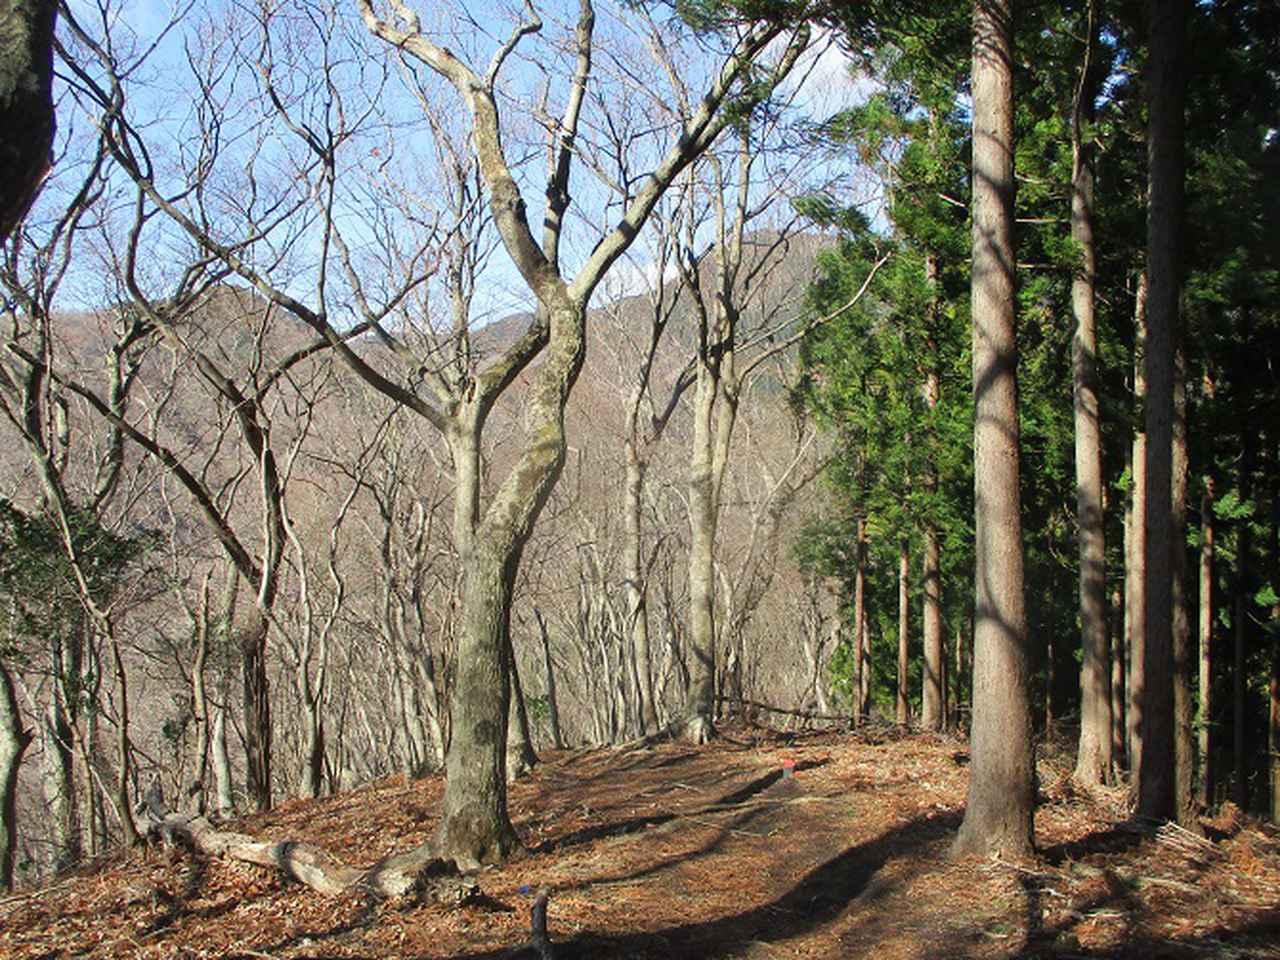 画像2: 2月17日に山旅会 シダンゴ山 ツアーにいってきました!